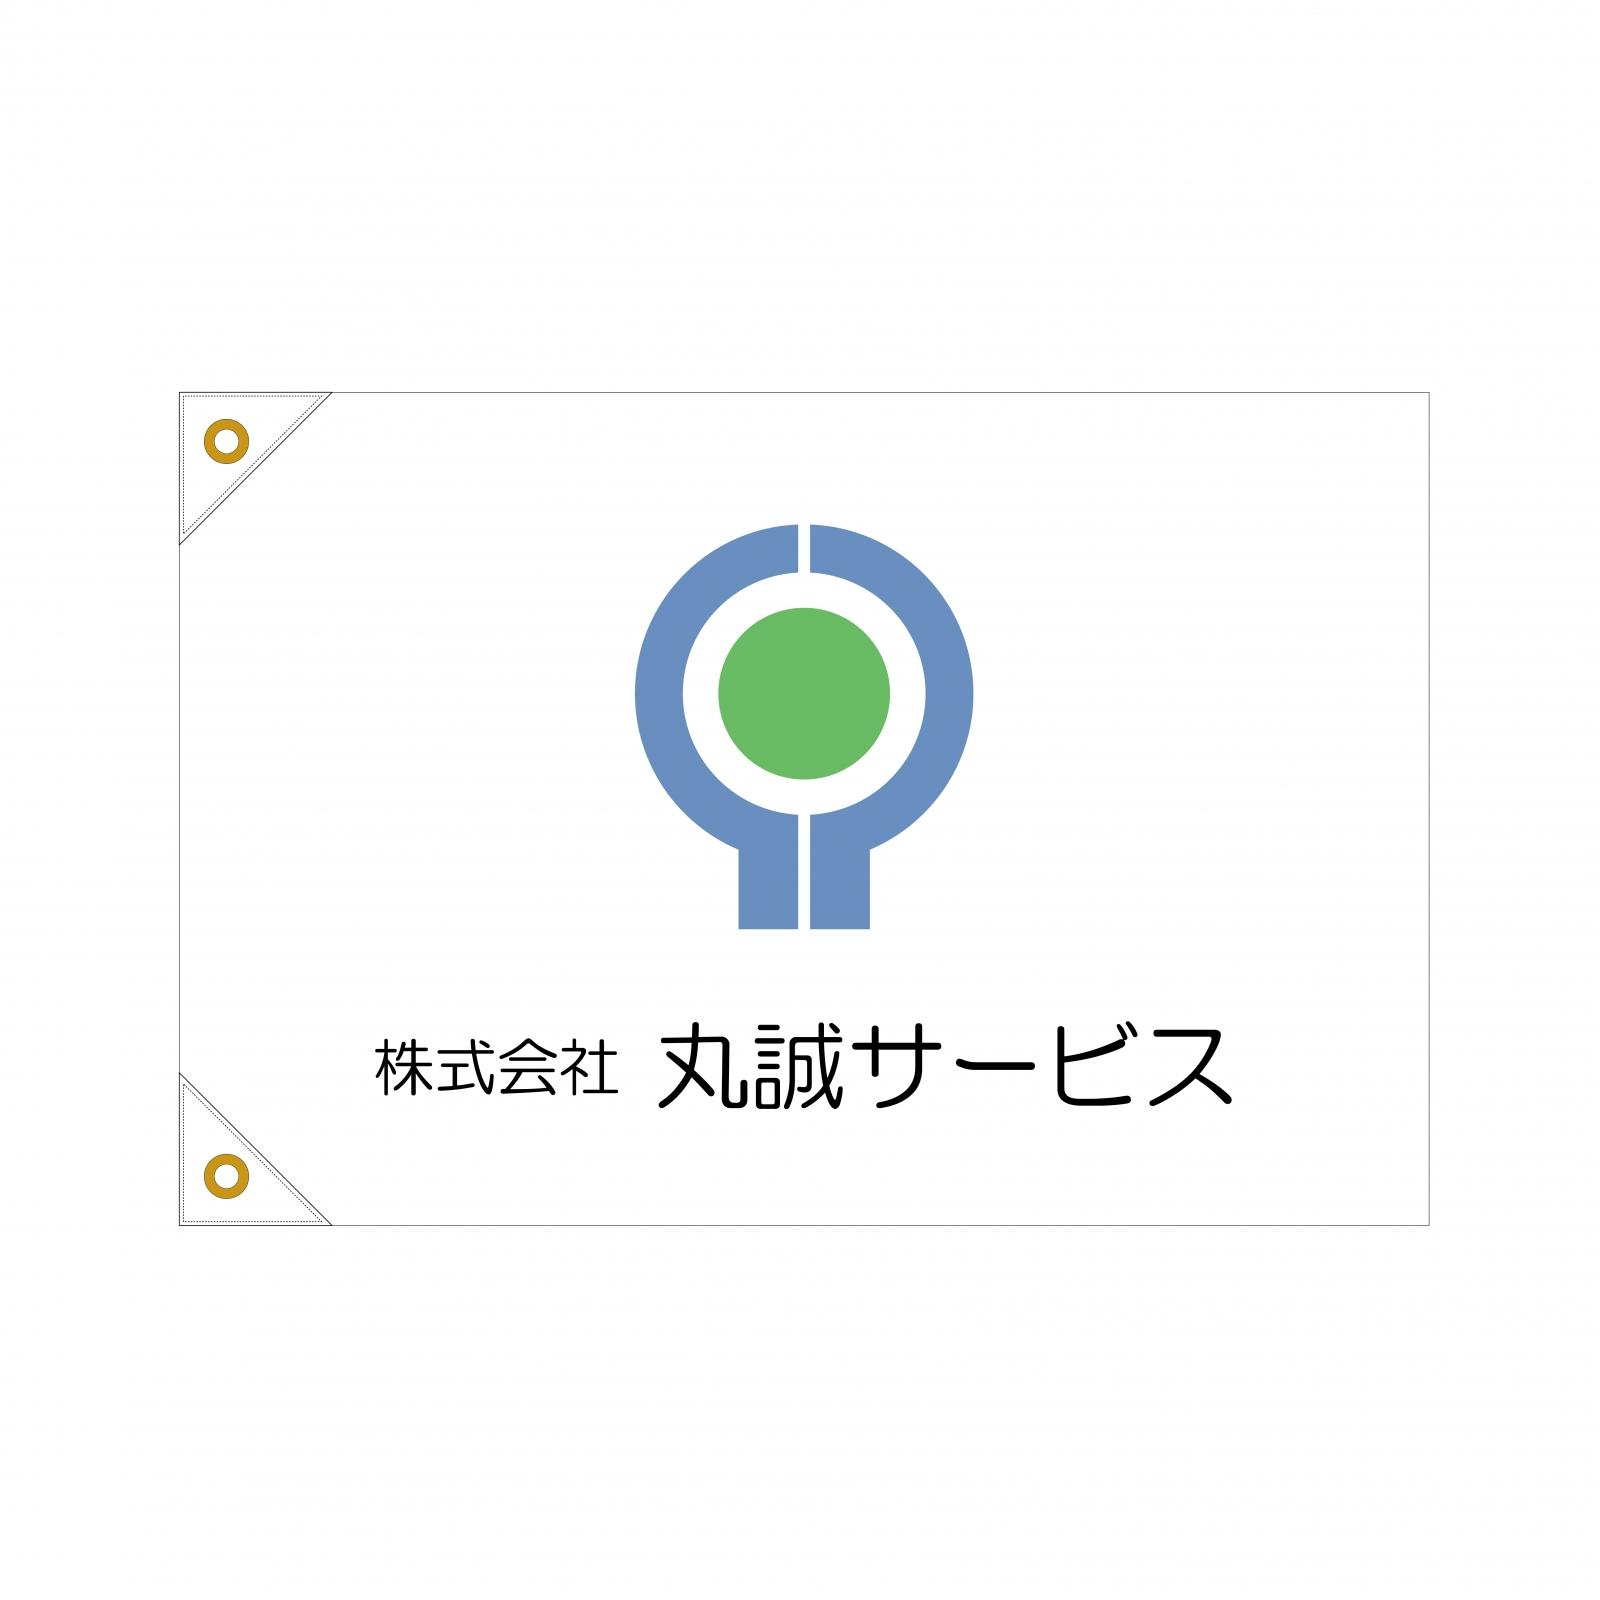 ビルメンテナンス会社の手旗